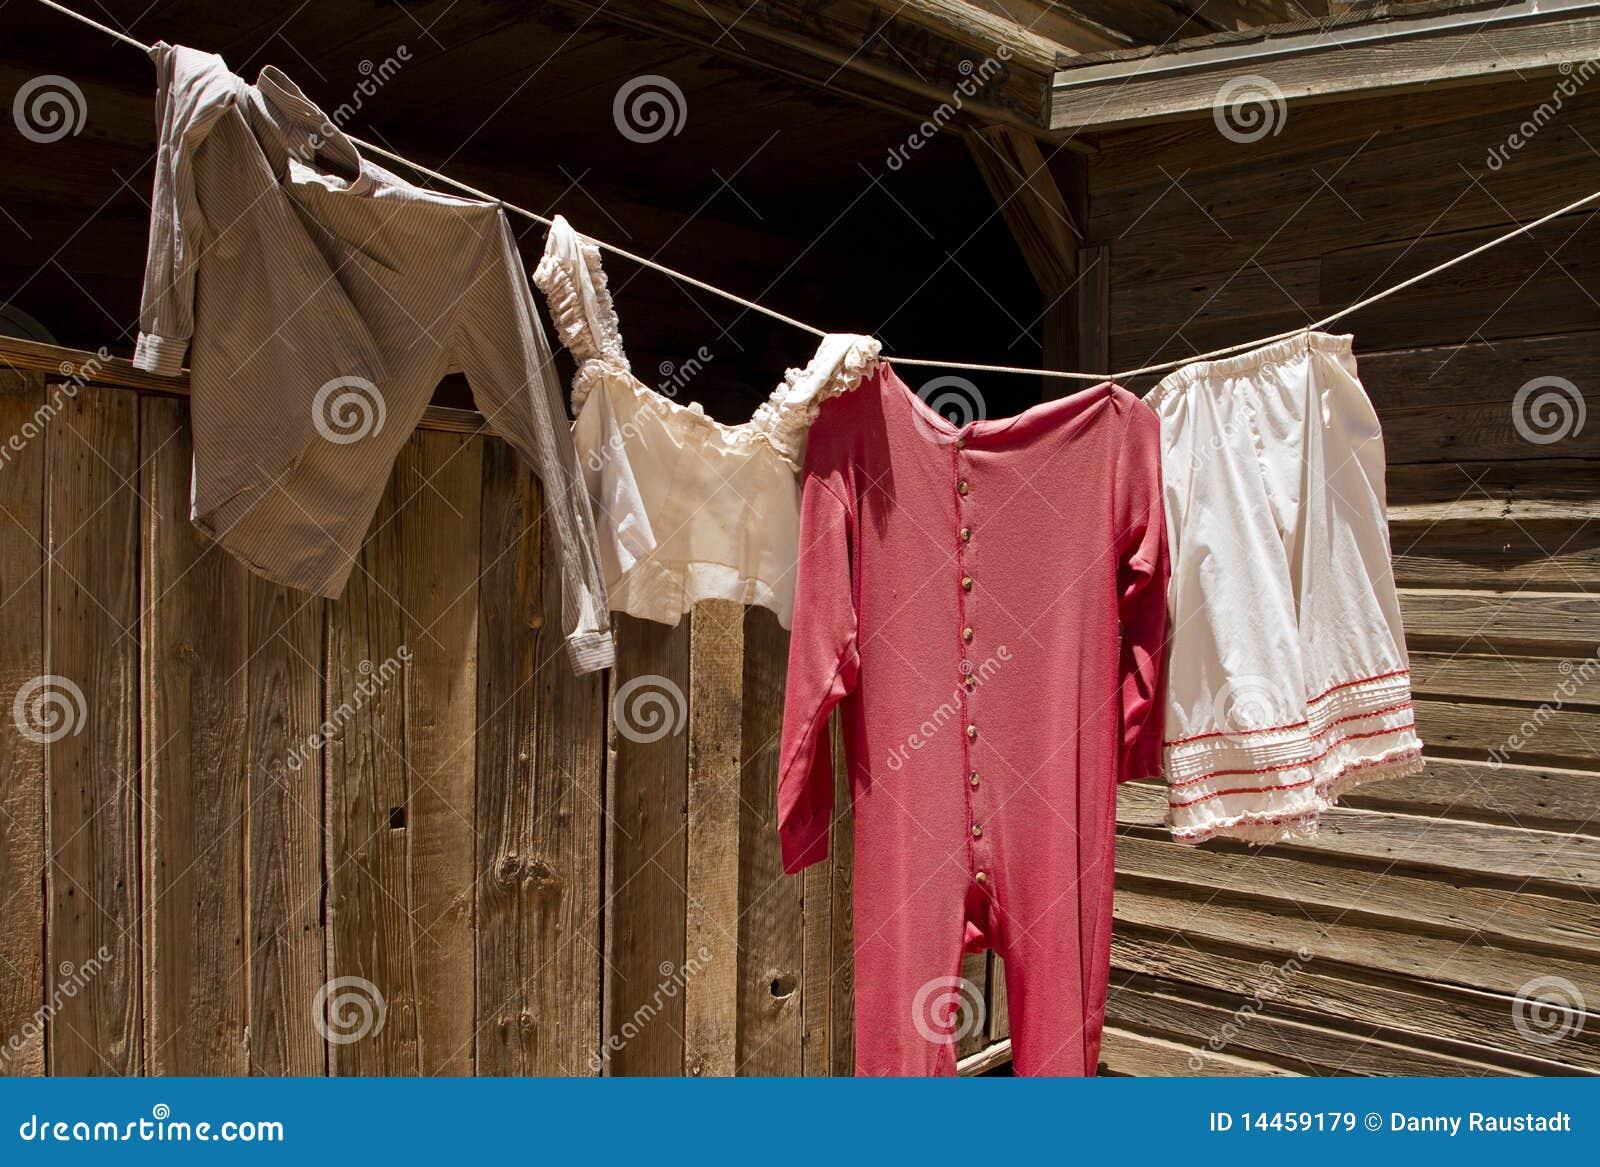 Vintage Clothes Line